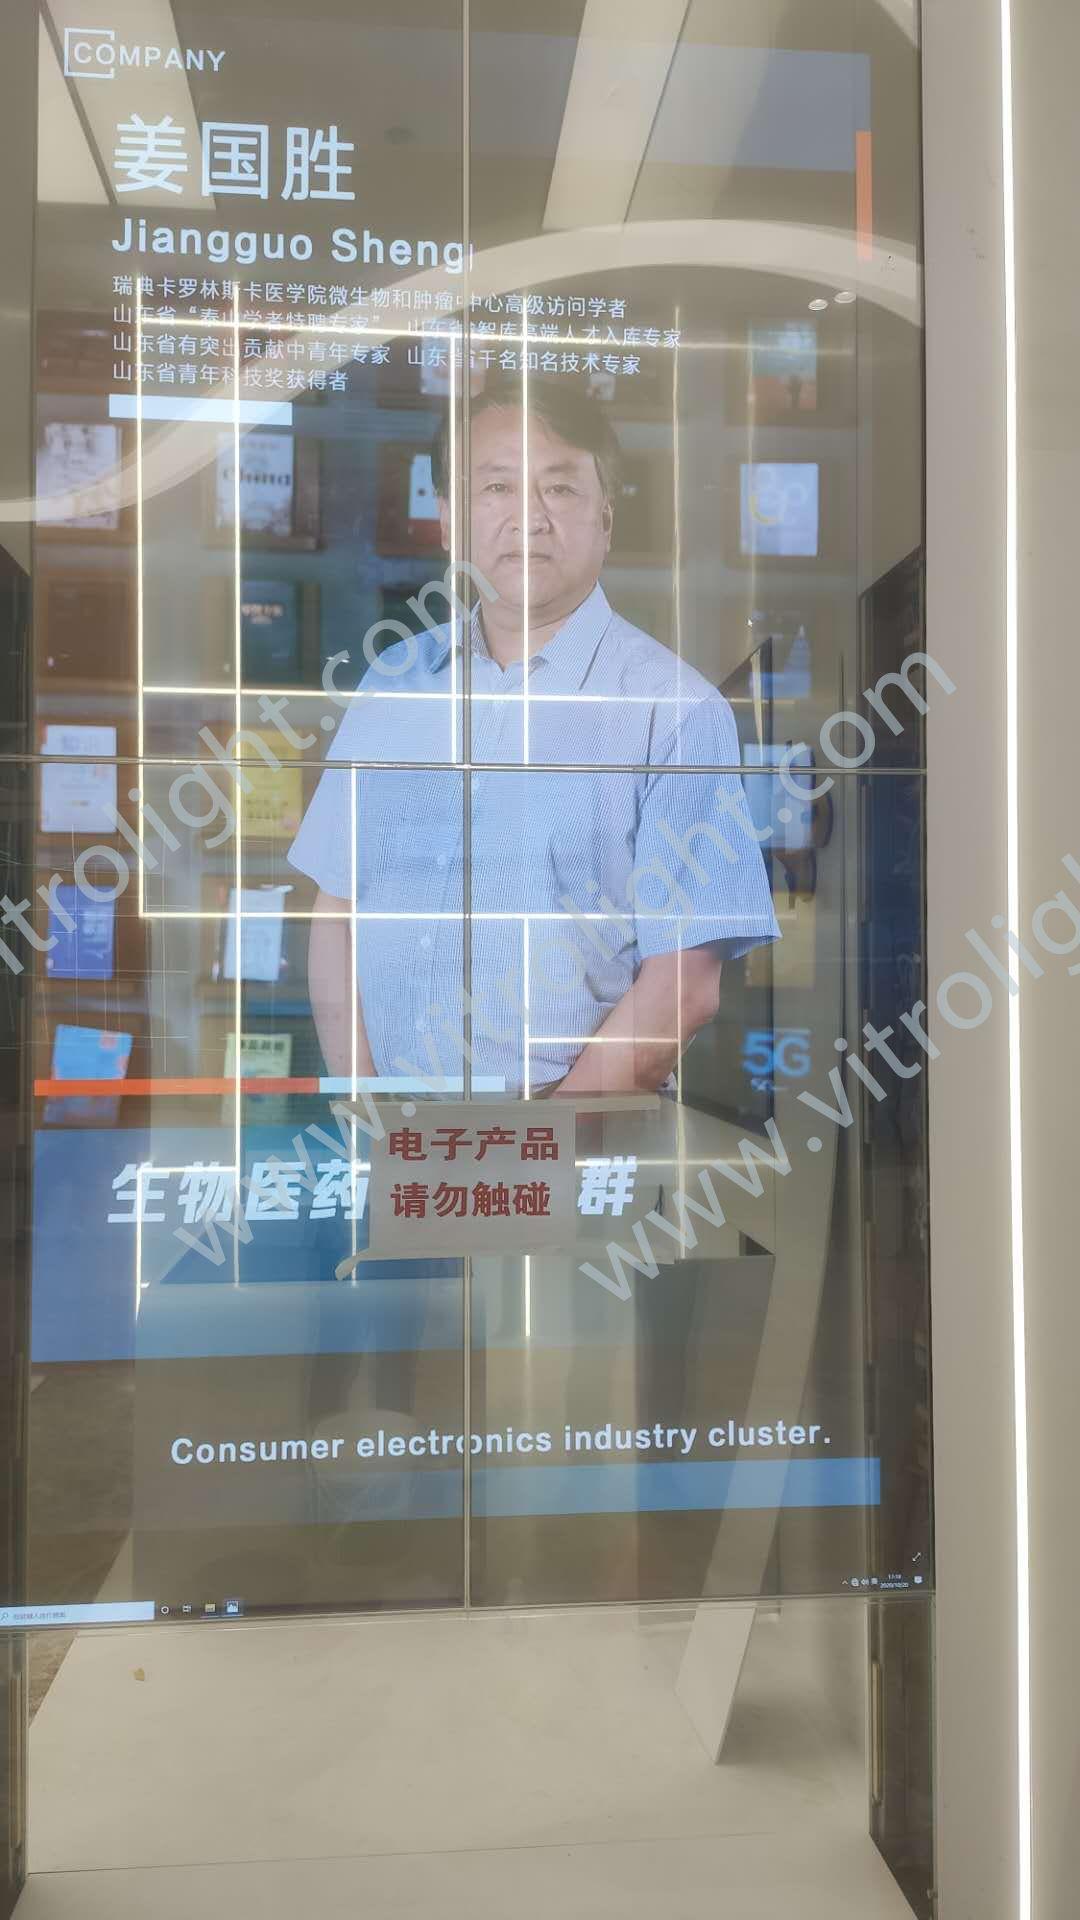 透明OLED-2×2透明屏山東煙臺市自貿區國際人才港項目